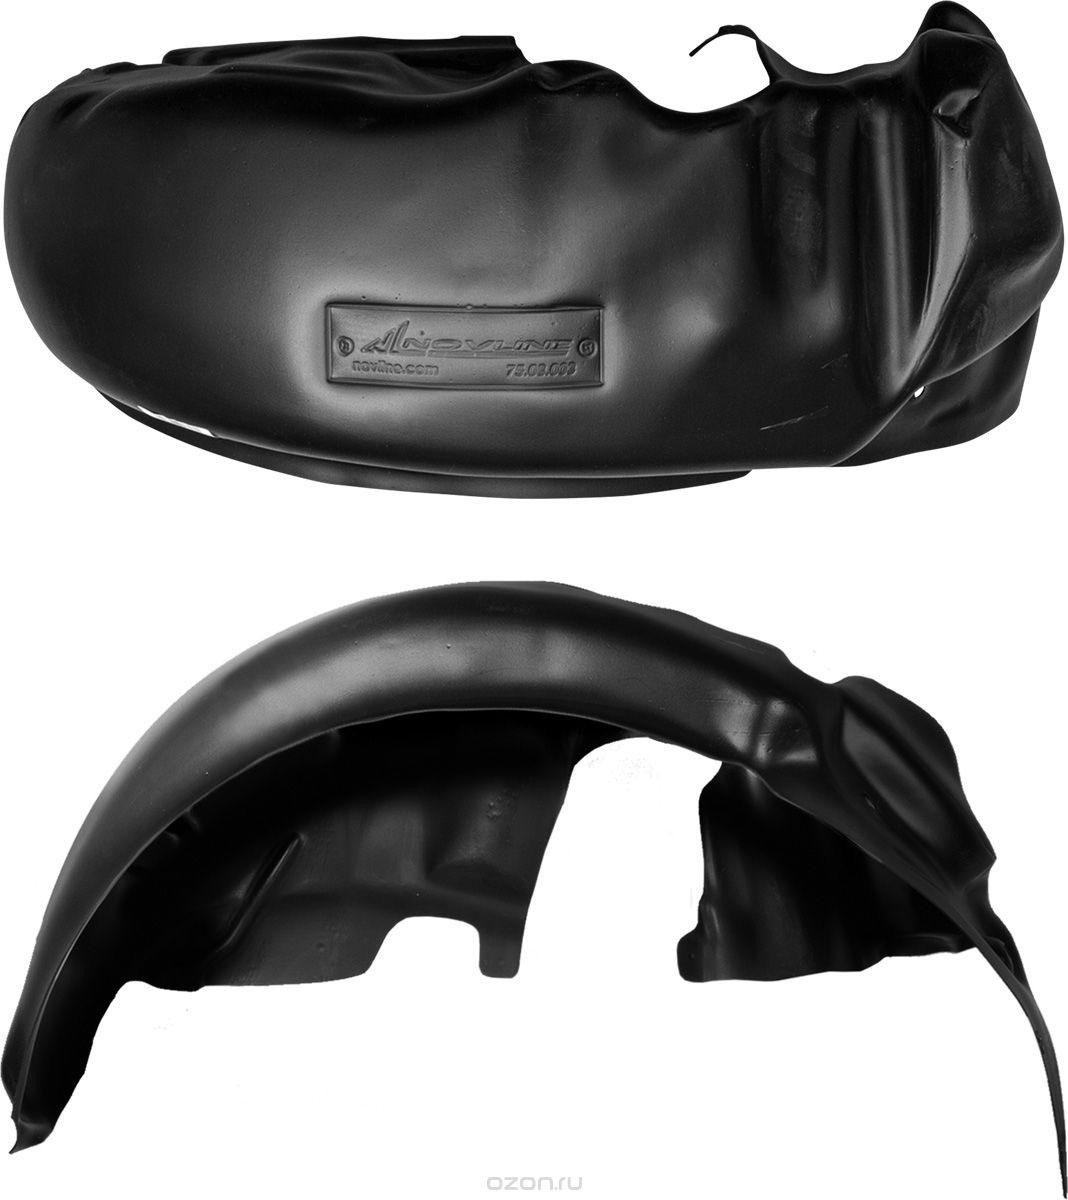 Подкрылок Novline-Autofamily, для Hyundai i20, 2009->, задний левыйNLL.20.32.003Идеальная защита колесной ниши. Локеры разработаны с применением цифровых технологий, гарантируют максимальную повторяемость поверхности арки. Изделия устанавливаются без нарушения лакокрасочного покрытия автомобиля, каждый подкрылок комплектуется крепежом. Уважаемые клиенты, обращаем ваше внимание, что фотографии на подкрылки универсальные и не отражают реальную форму изделия. При этом само изделие идет точно под размер указанного автомобиля.